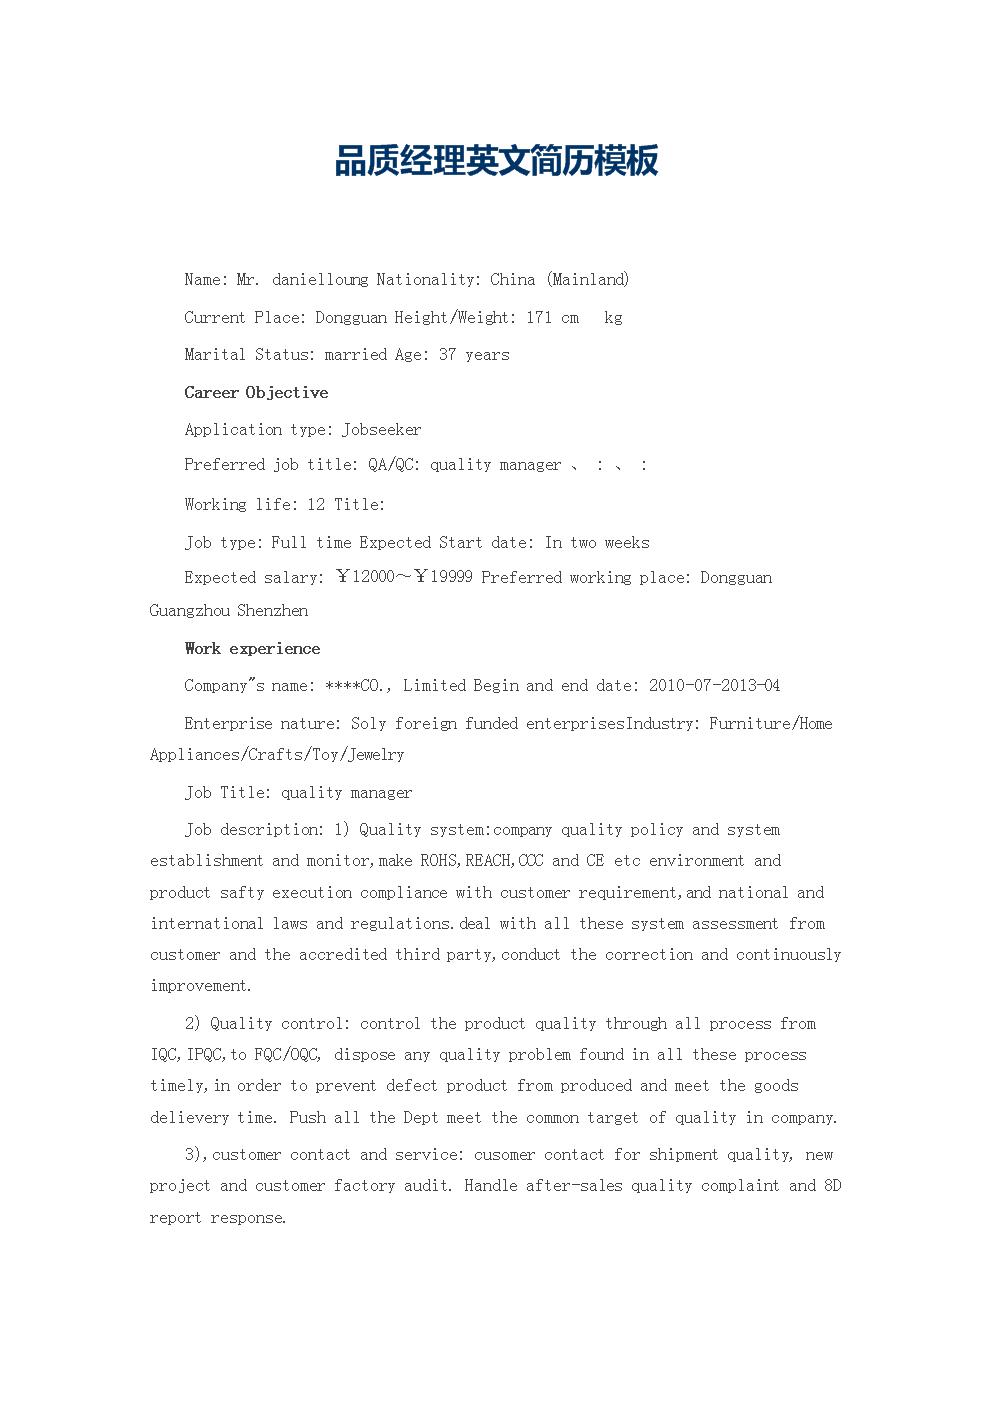 品质经理英文简历模板.docx